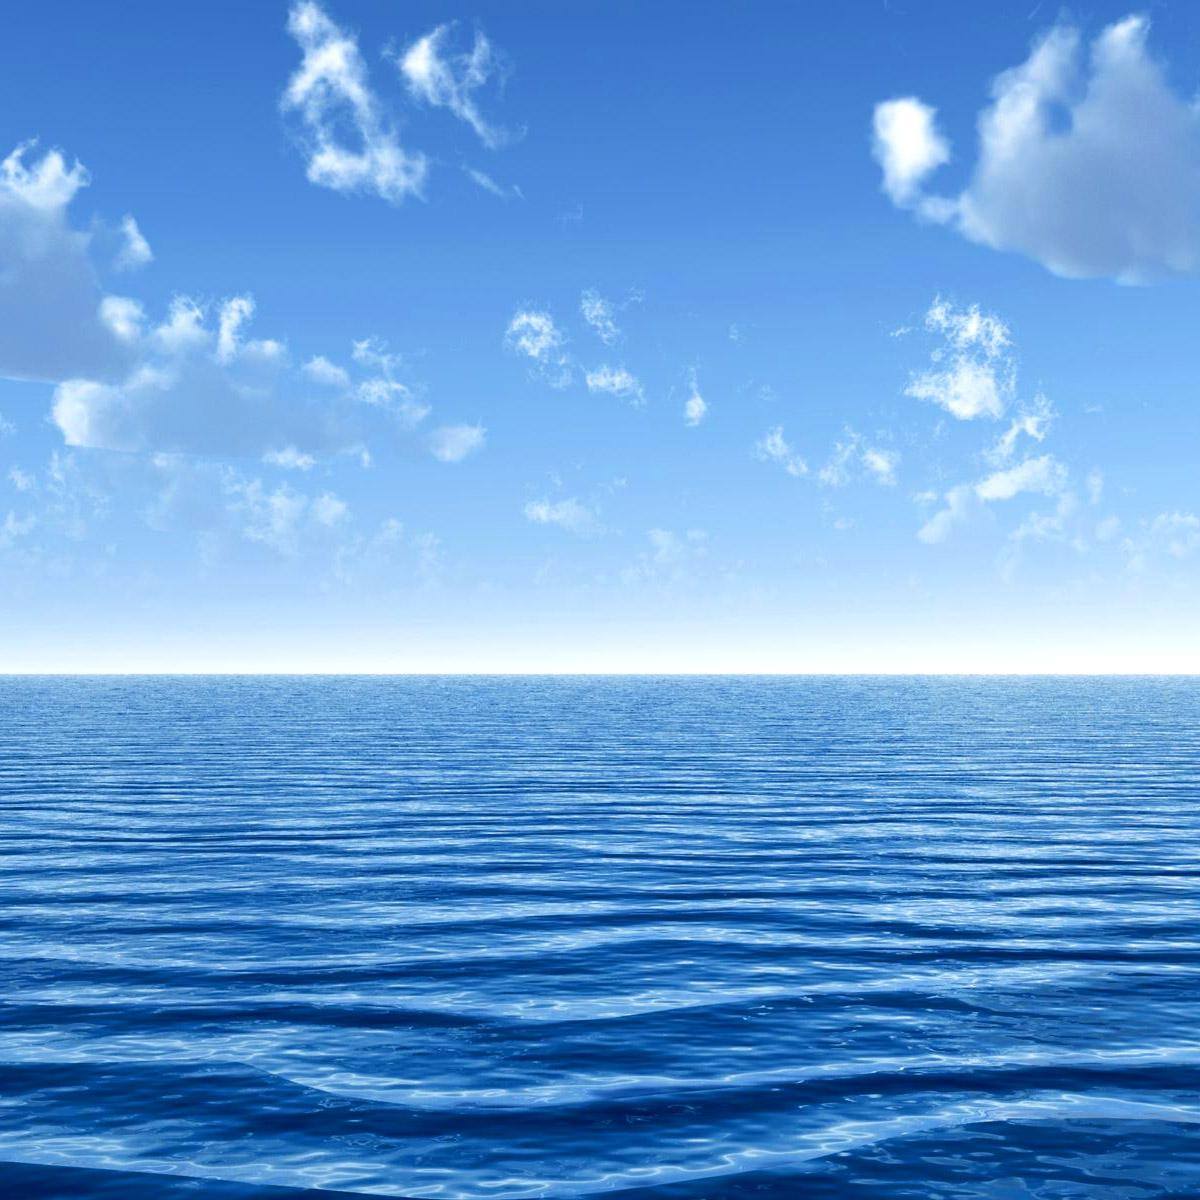 Frasi sull 39 odio - Foto di animali dell oceano ...